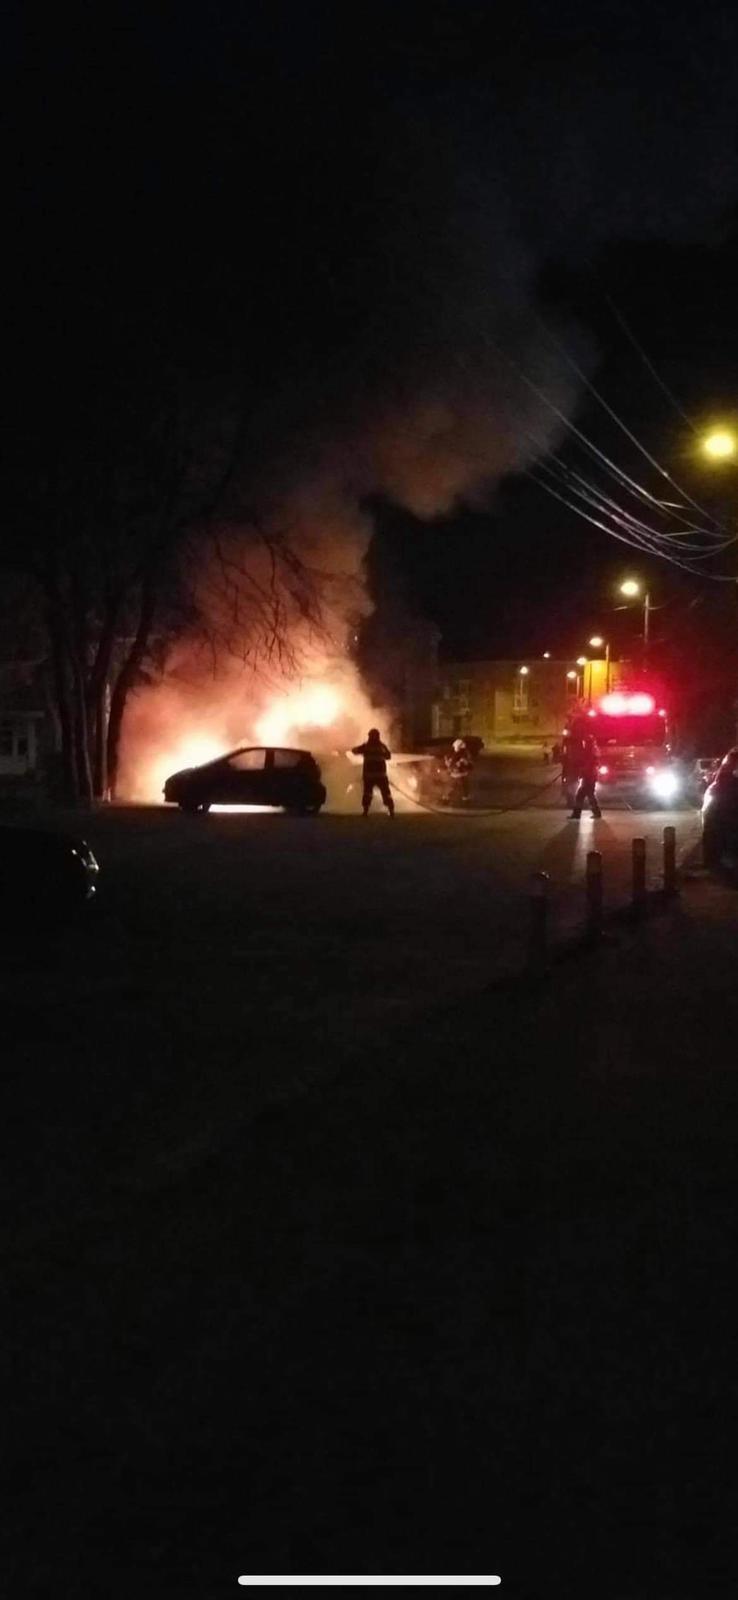 Mașină incendiată azi noapte, alte două autoturisme au fost afectate